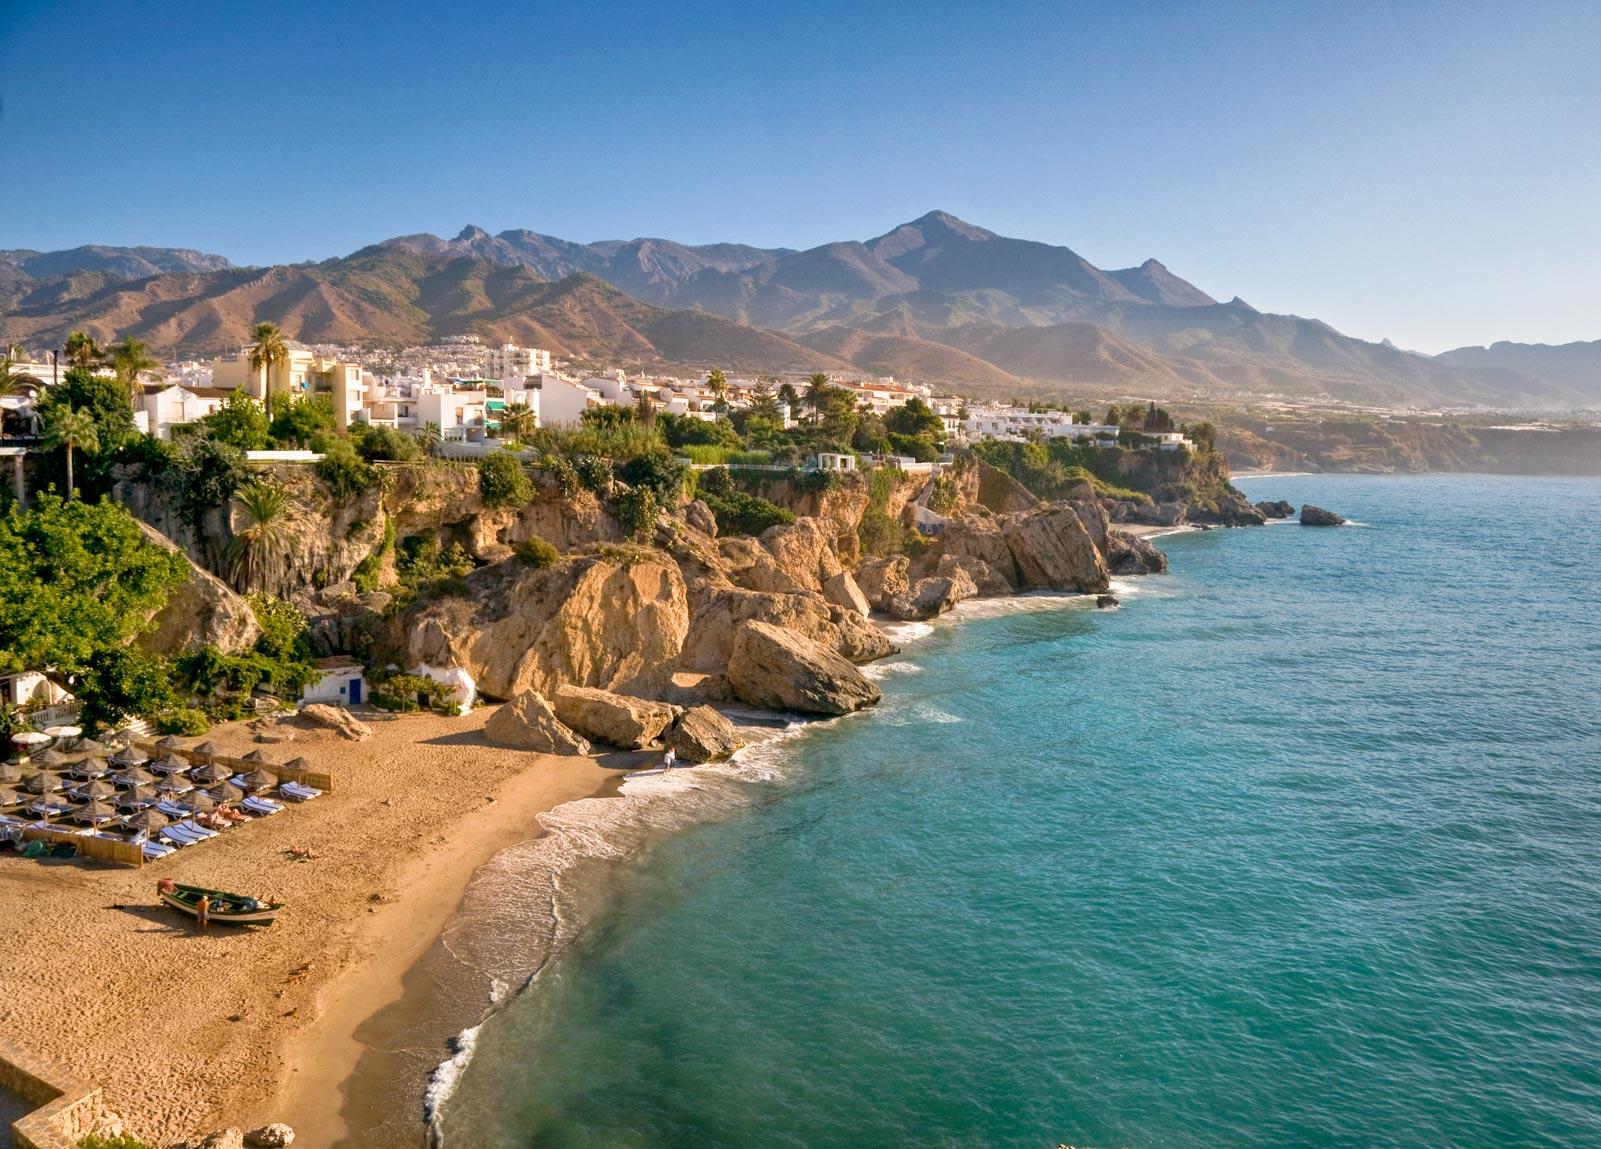 Costa del Sol - Costa del Sol Beaches - Costa del Sol Hotels